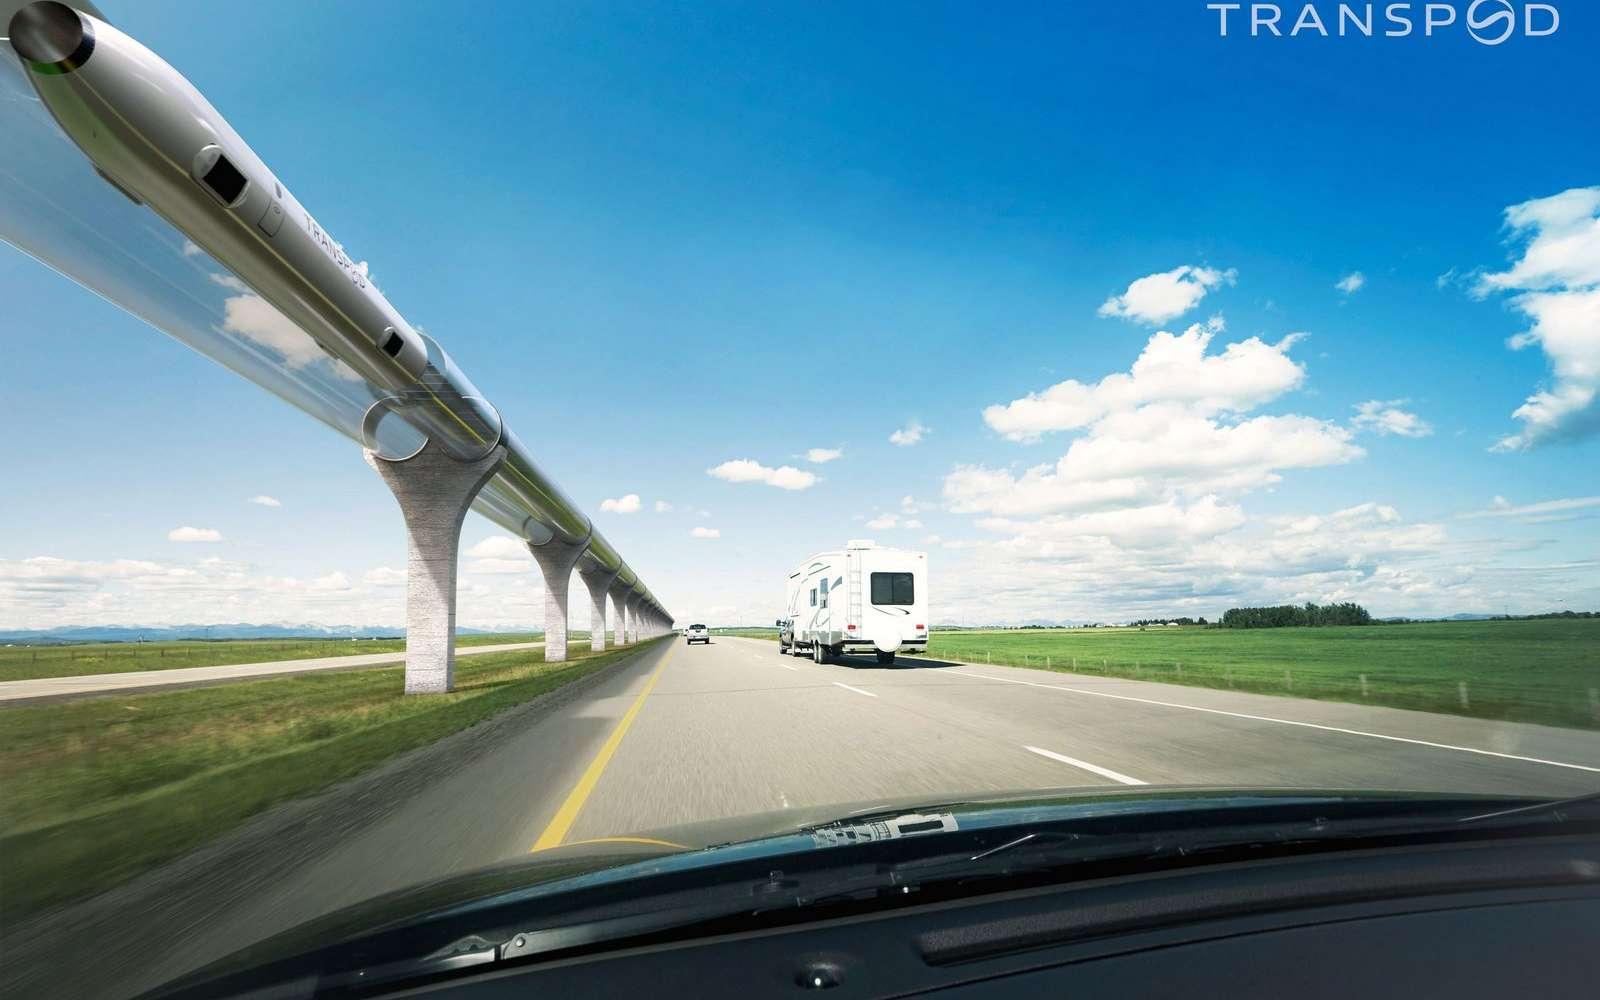 Les différents projets Hyperloop existants n'ont pas, pour le moment, évoqué les défis techniques soulevés par François Lacôte. © Transpod